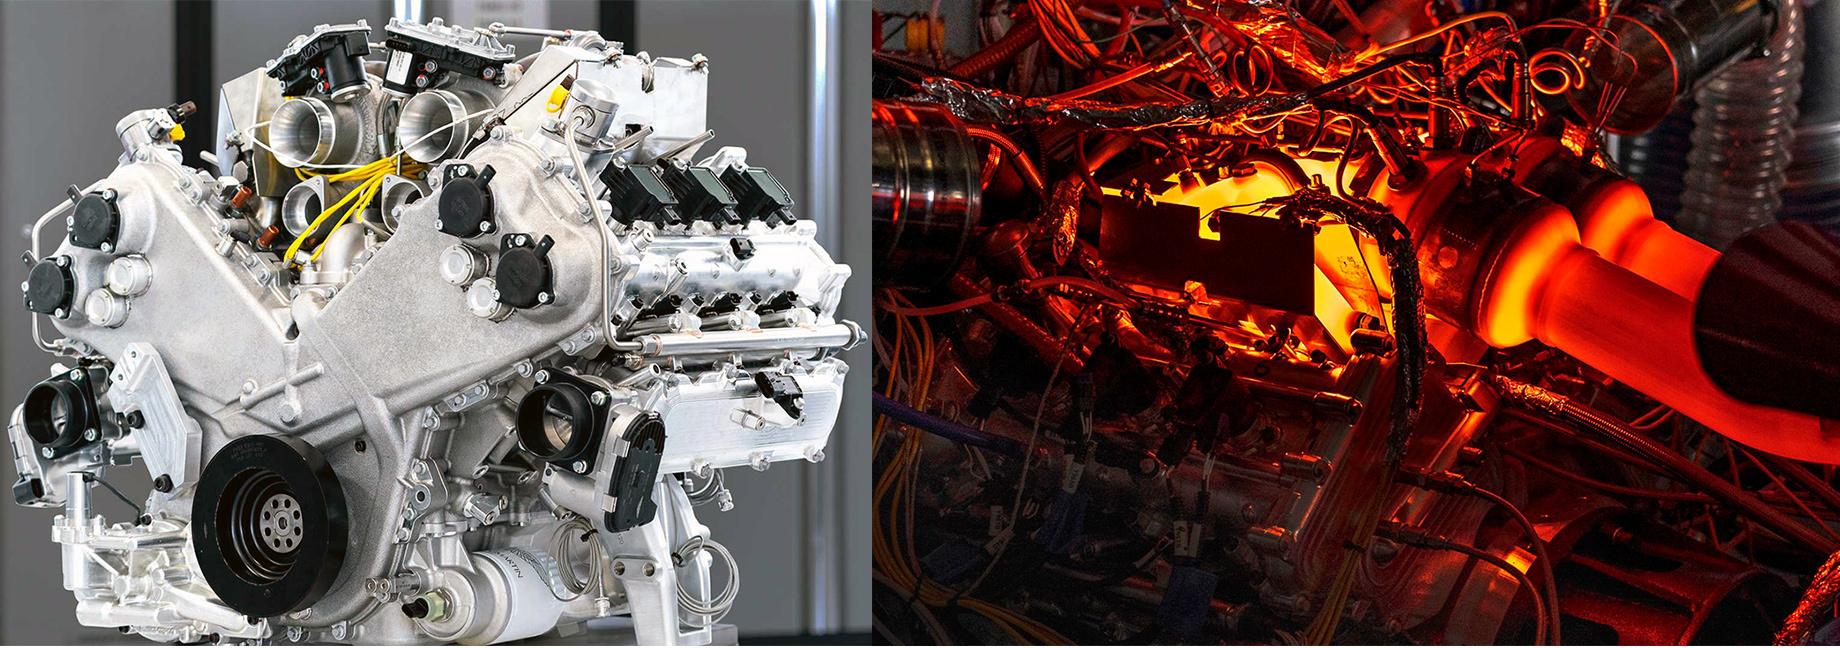 Aston Martin разработал первый заполвека двигатель V6